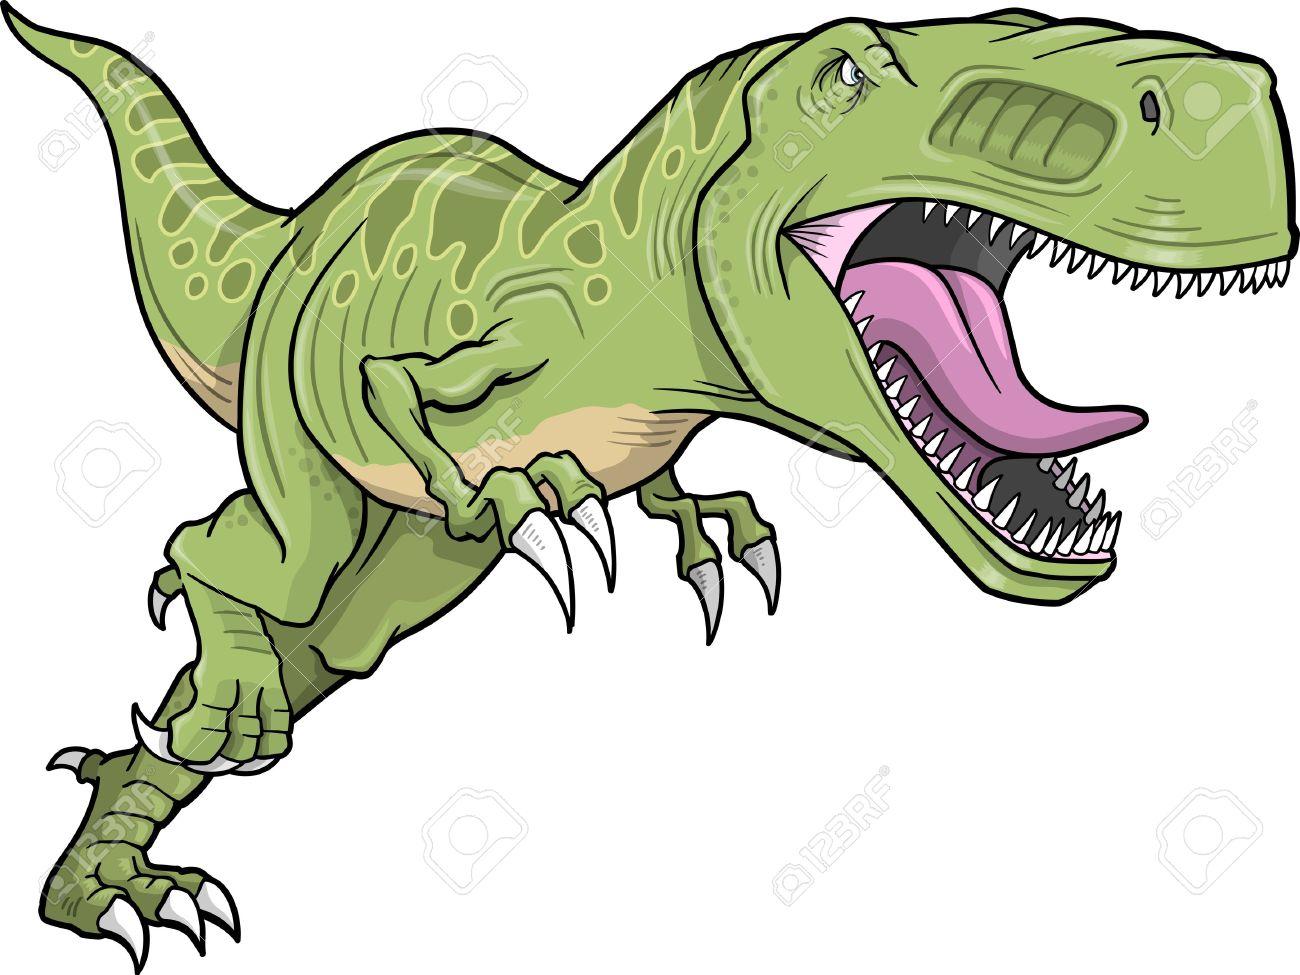 T-Rex Dinosaur Stock Vector - .-T-Rex Dinosaur Stock Vector - .-17